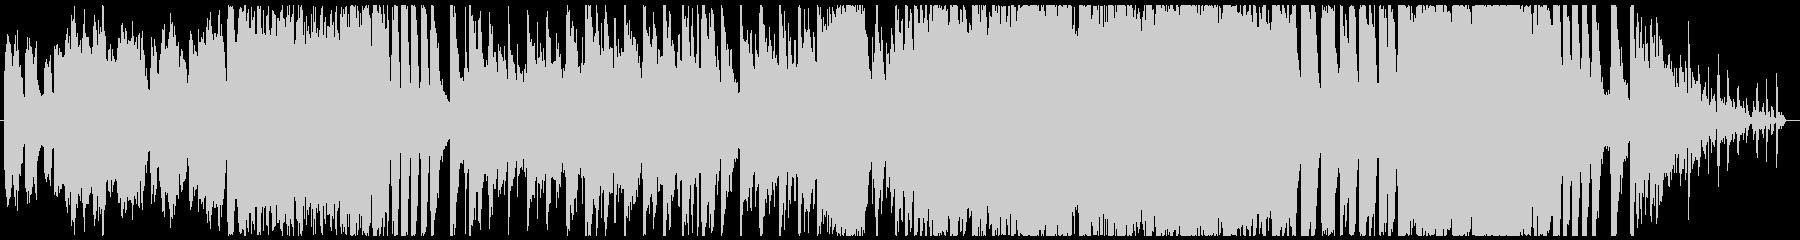 バッハの協奏曲×エレクトロの未再生の波形